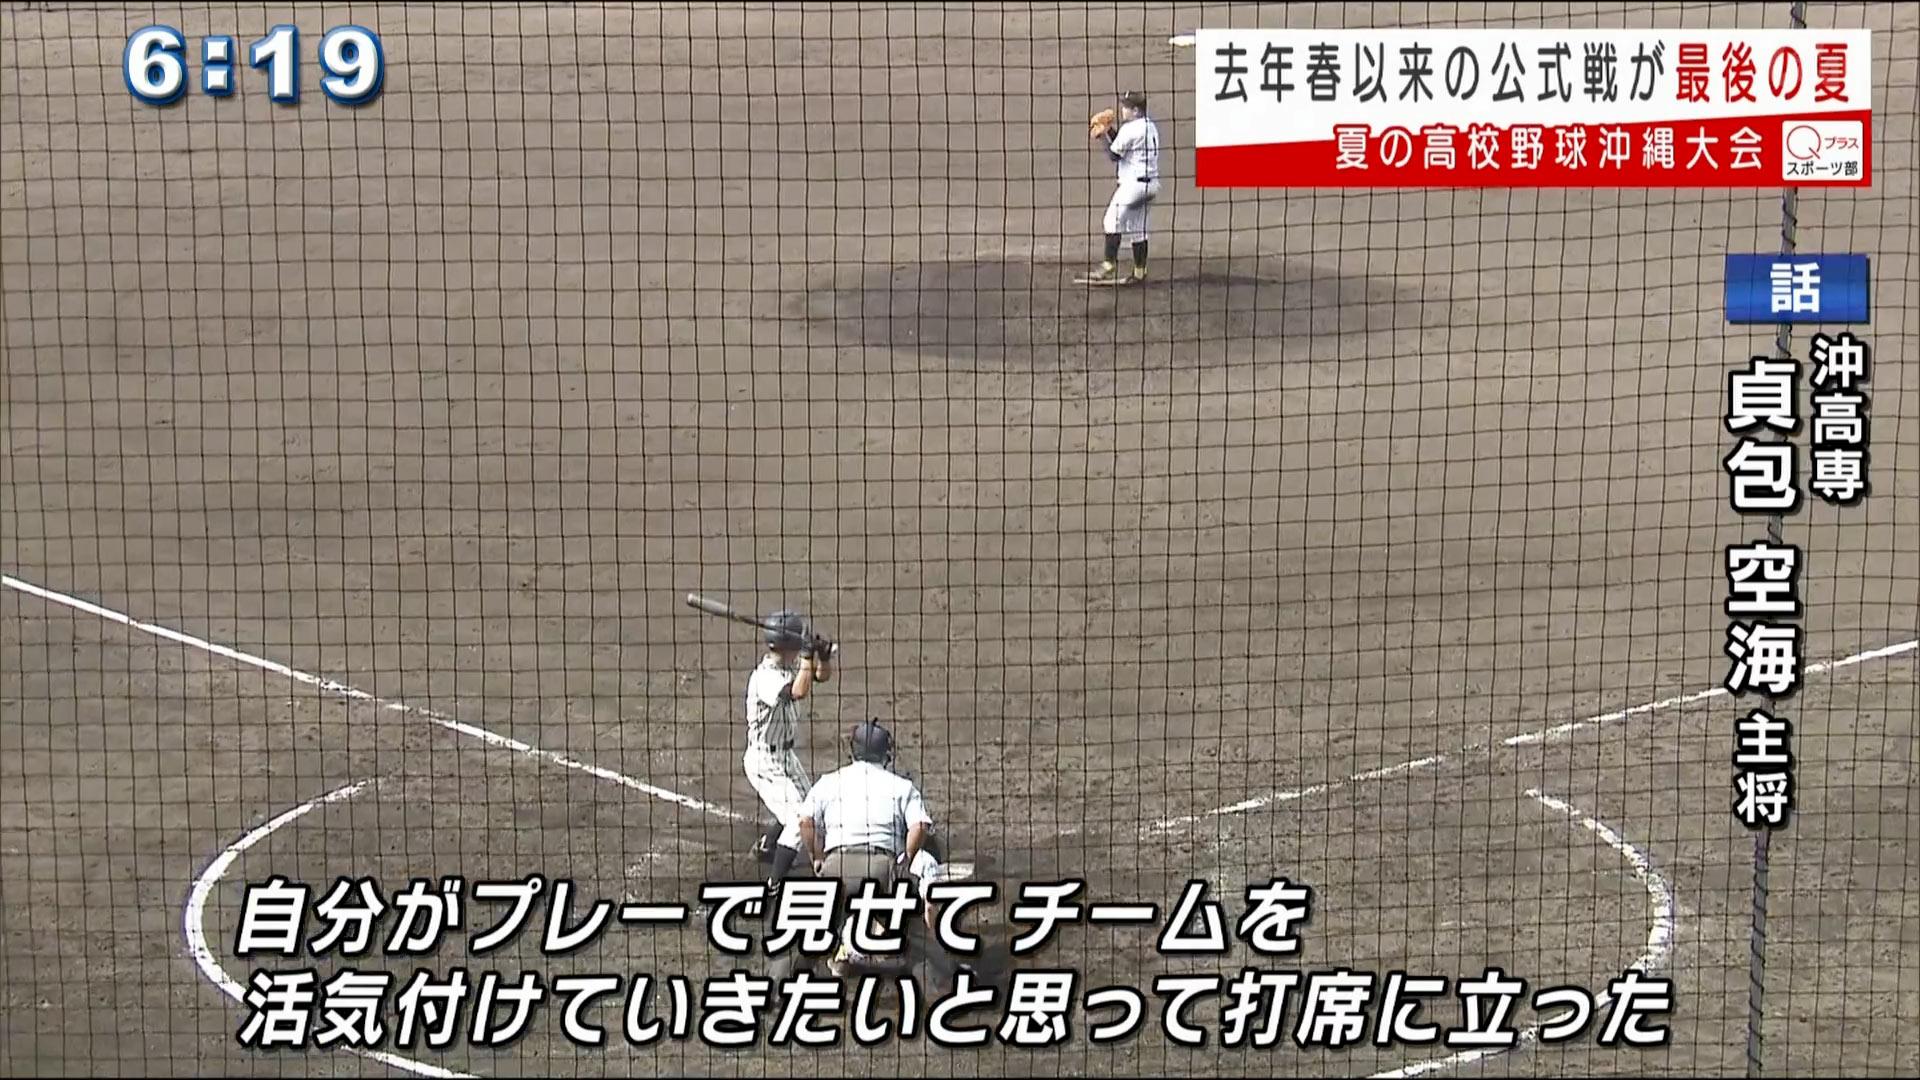 沖縄大会開幕 2年ぶりの甲子園をめざして